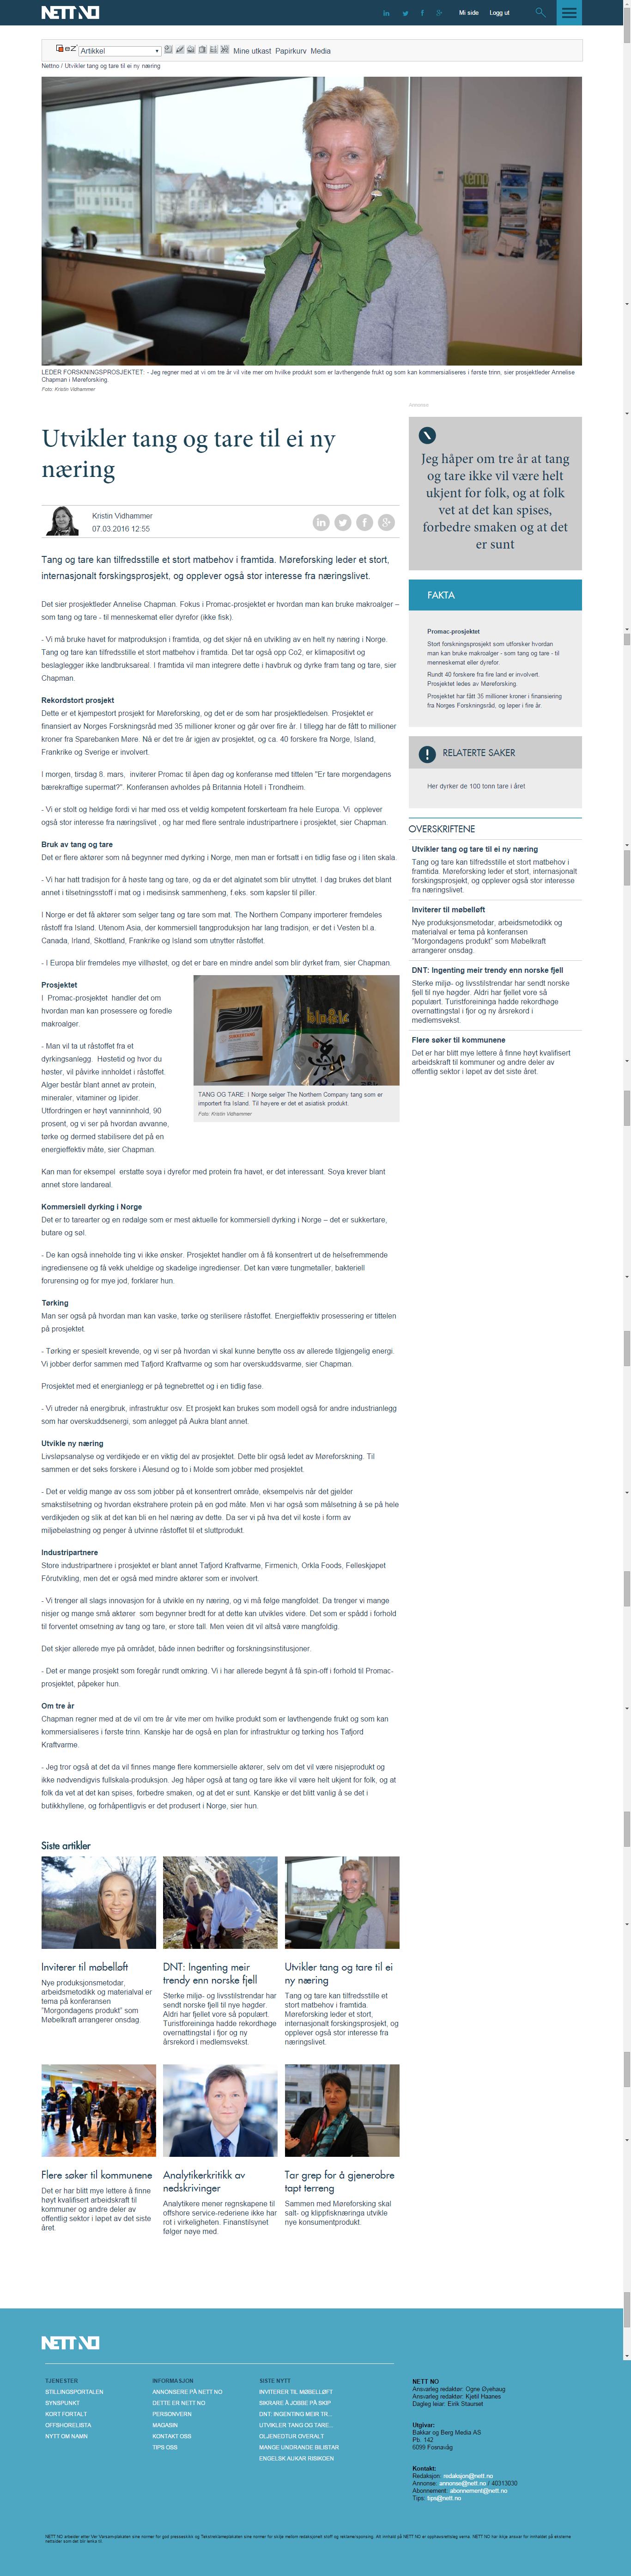 Utvikler-tang-og-tare artikkel_nett.no_070316